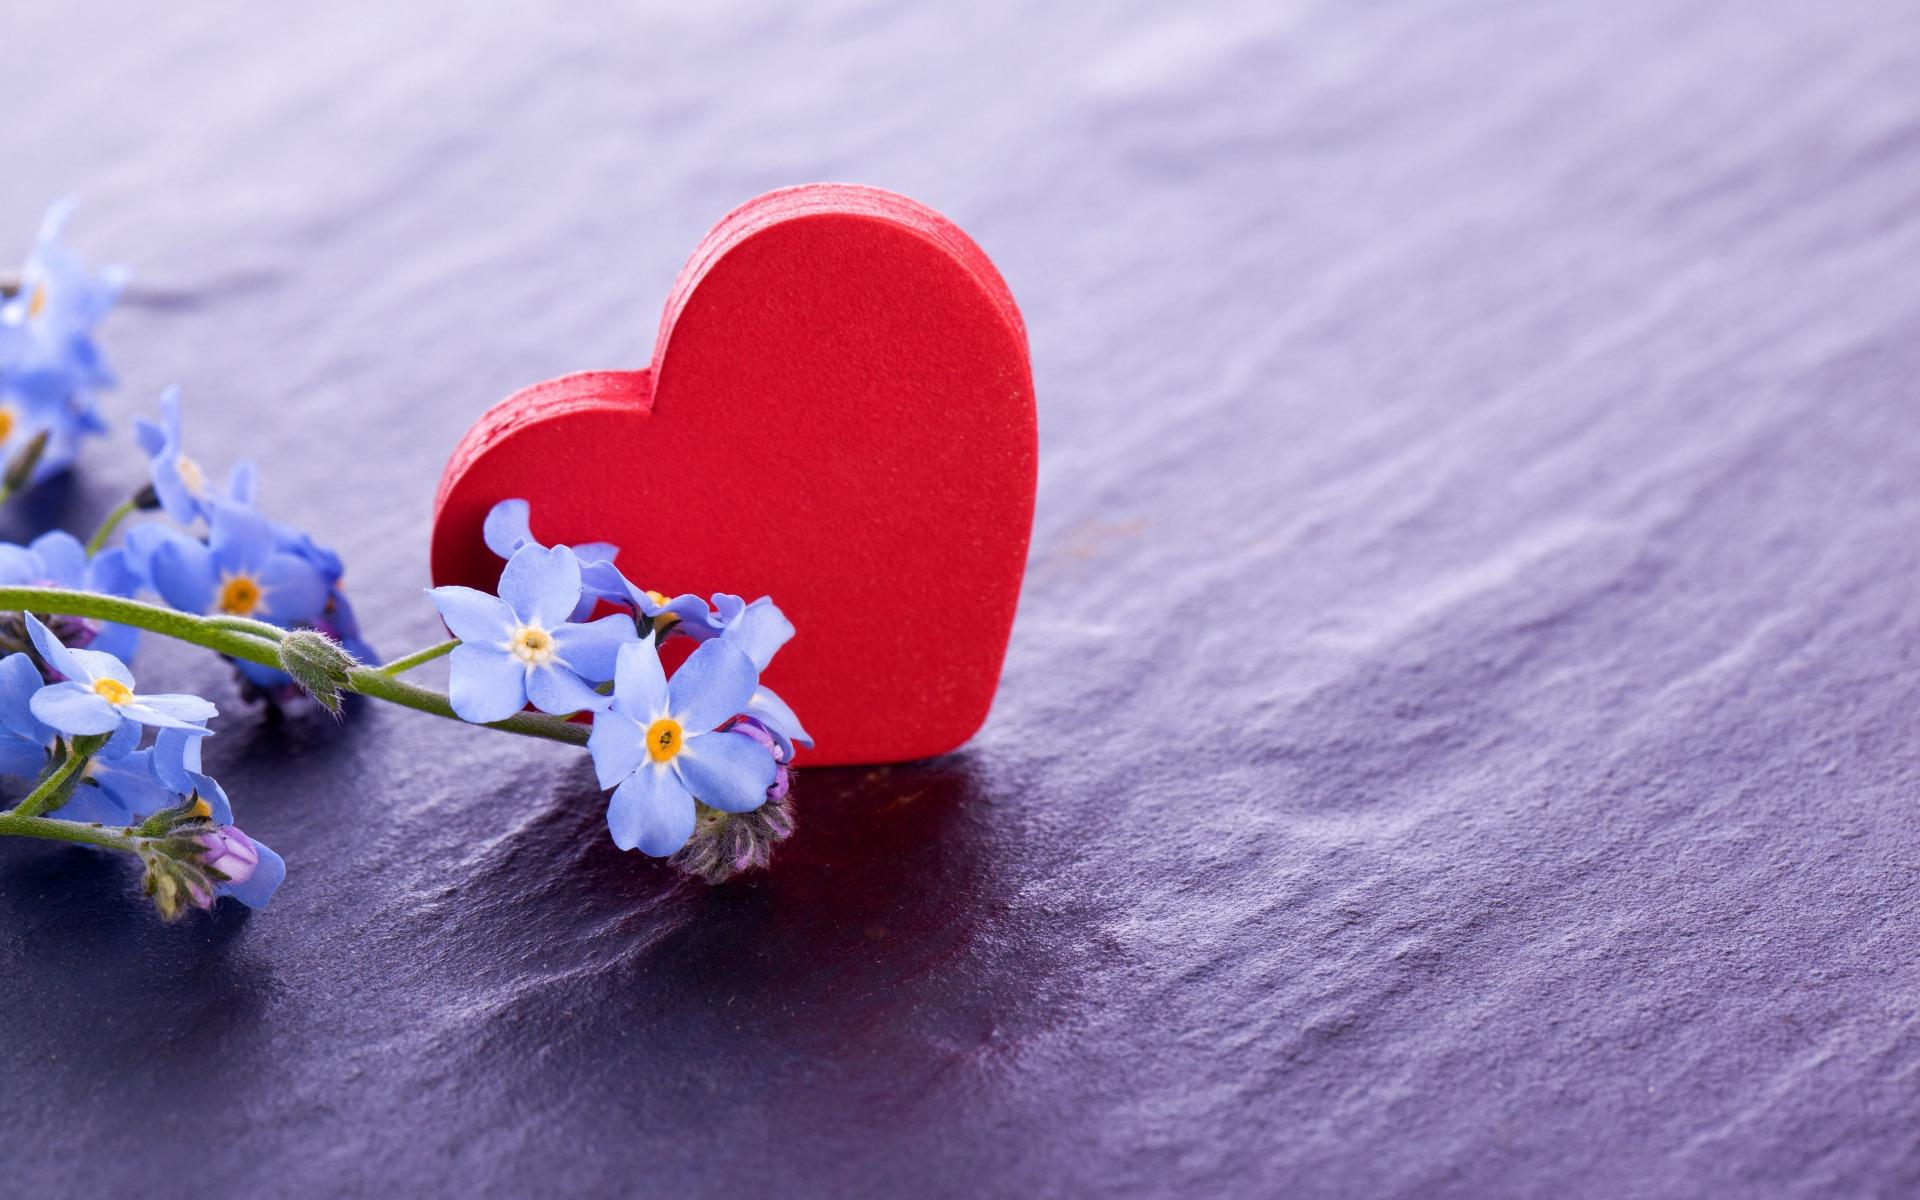 Сну прикольные, картинки любовь цветы